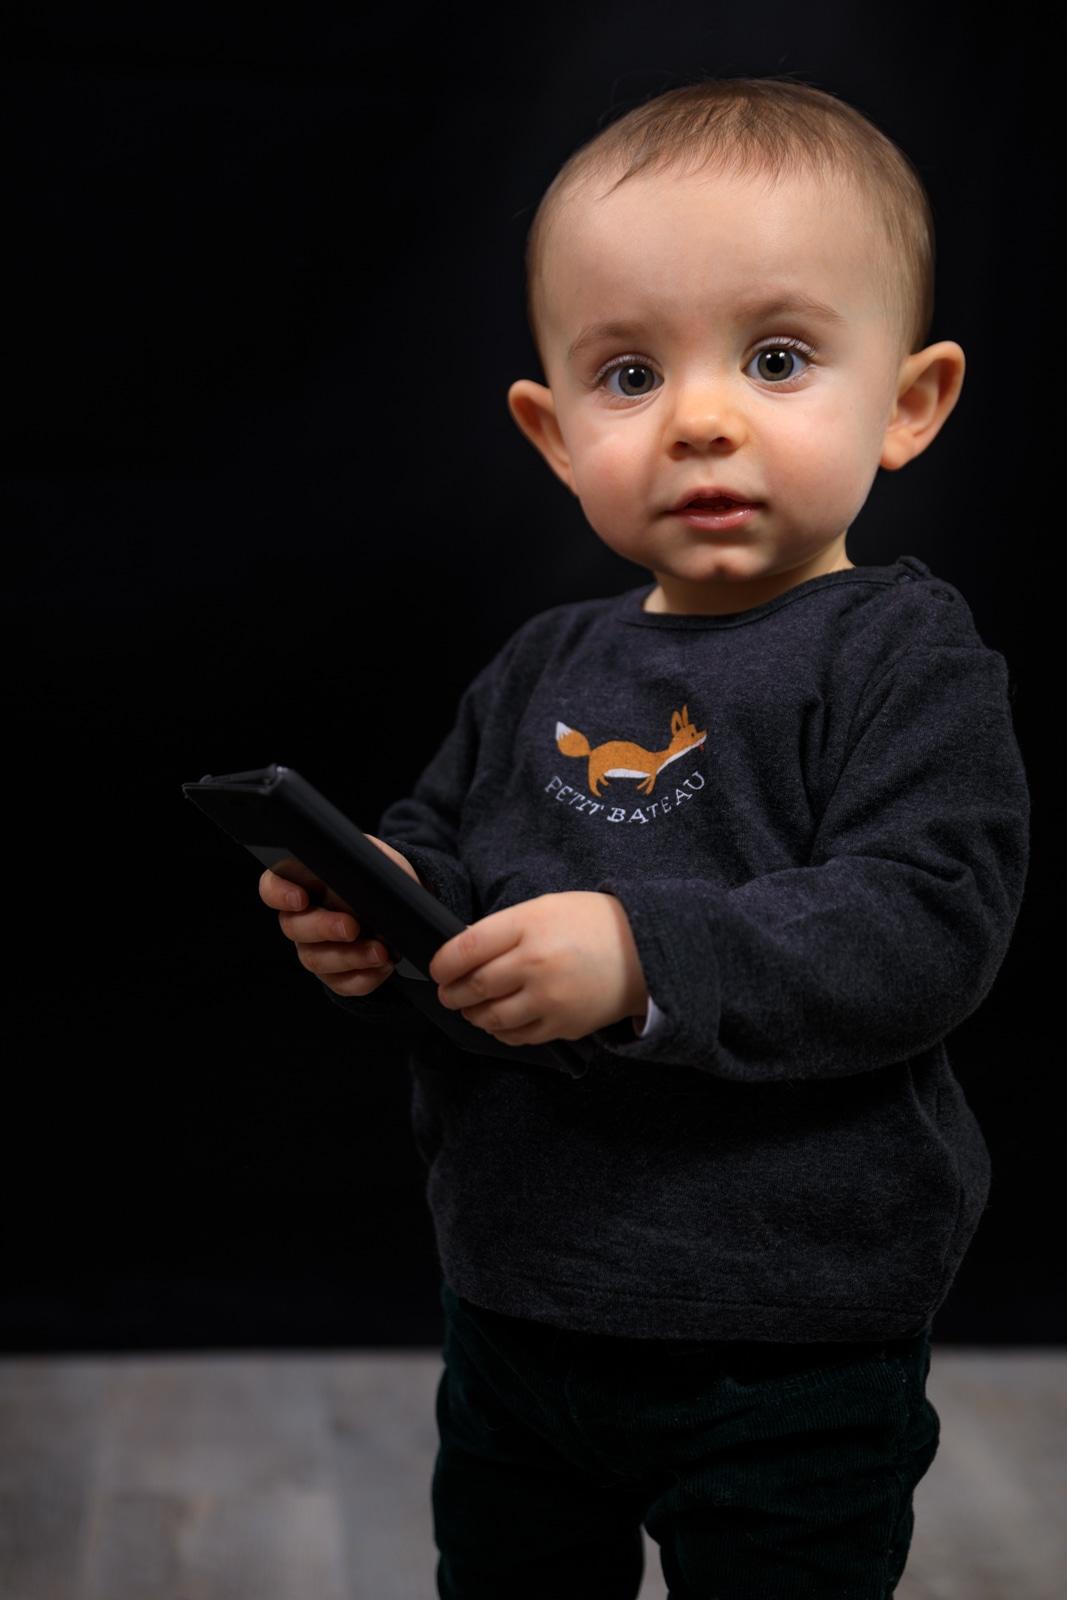 Petit garçon de 18 mois avec un téléphone style homme d'affaire